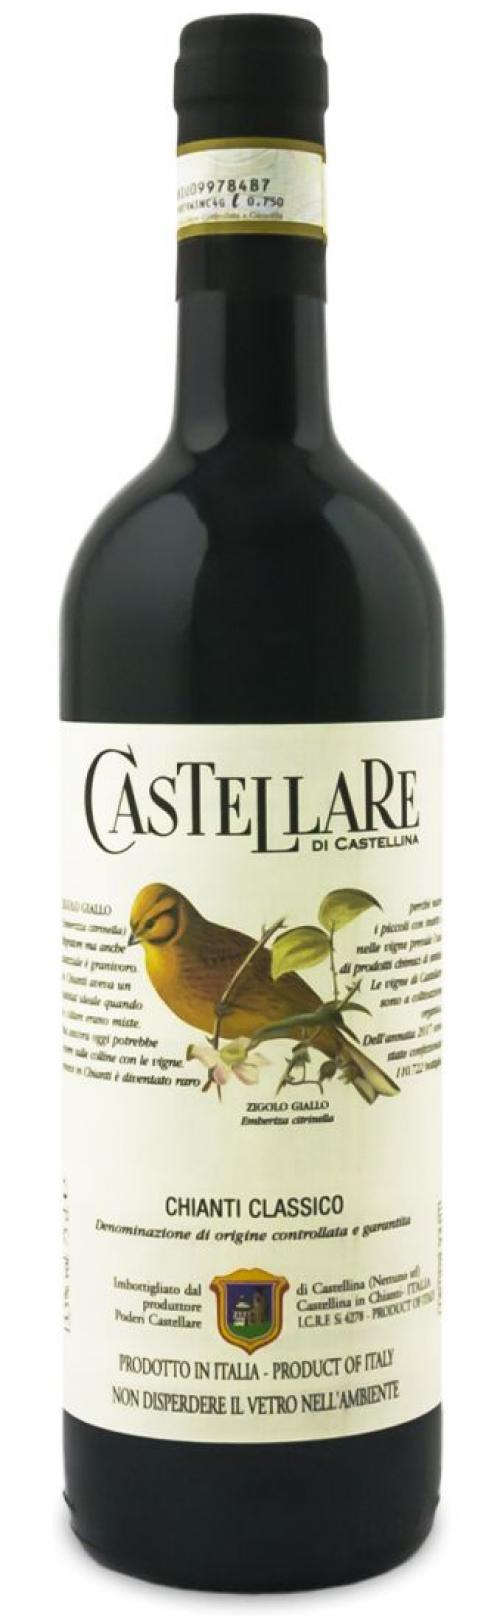 2018 Castellare Chianti Classico 750ml